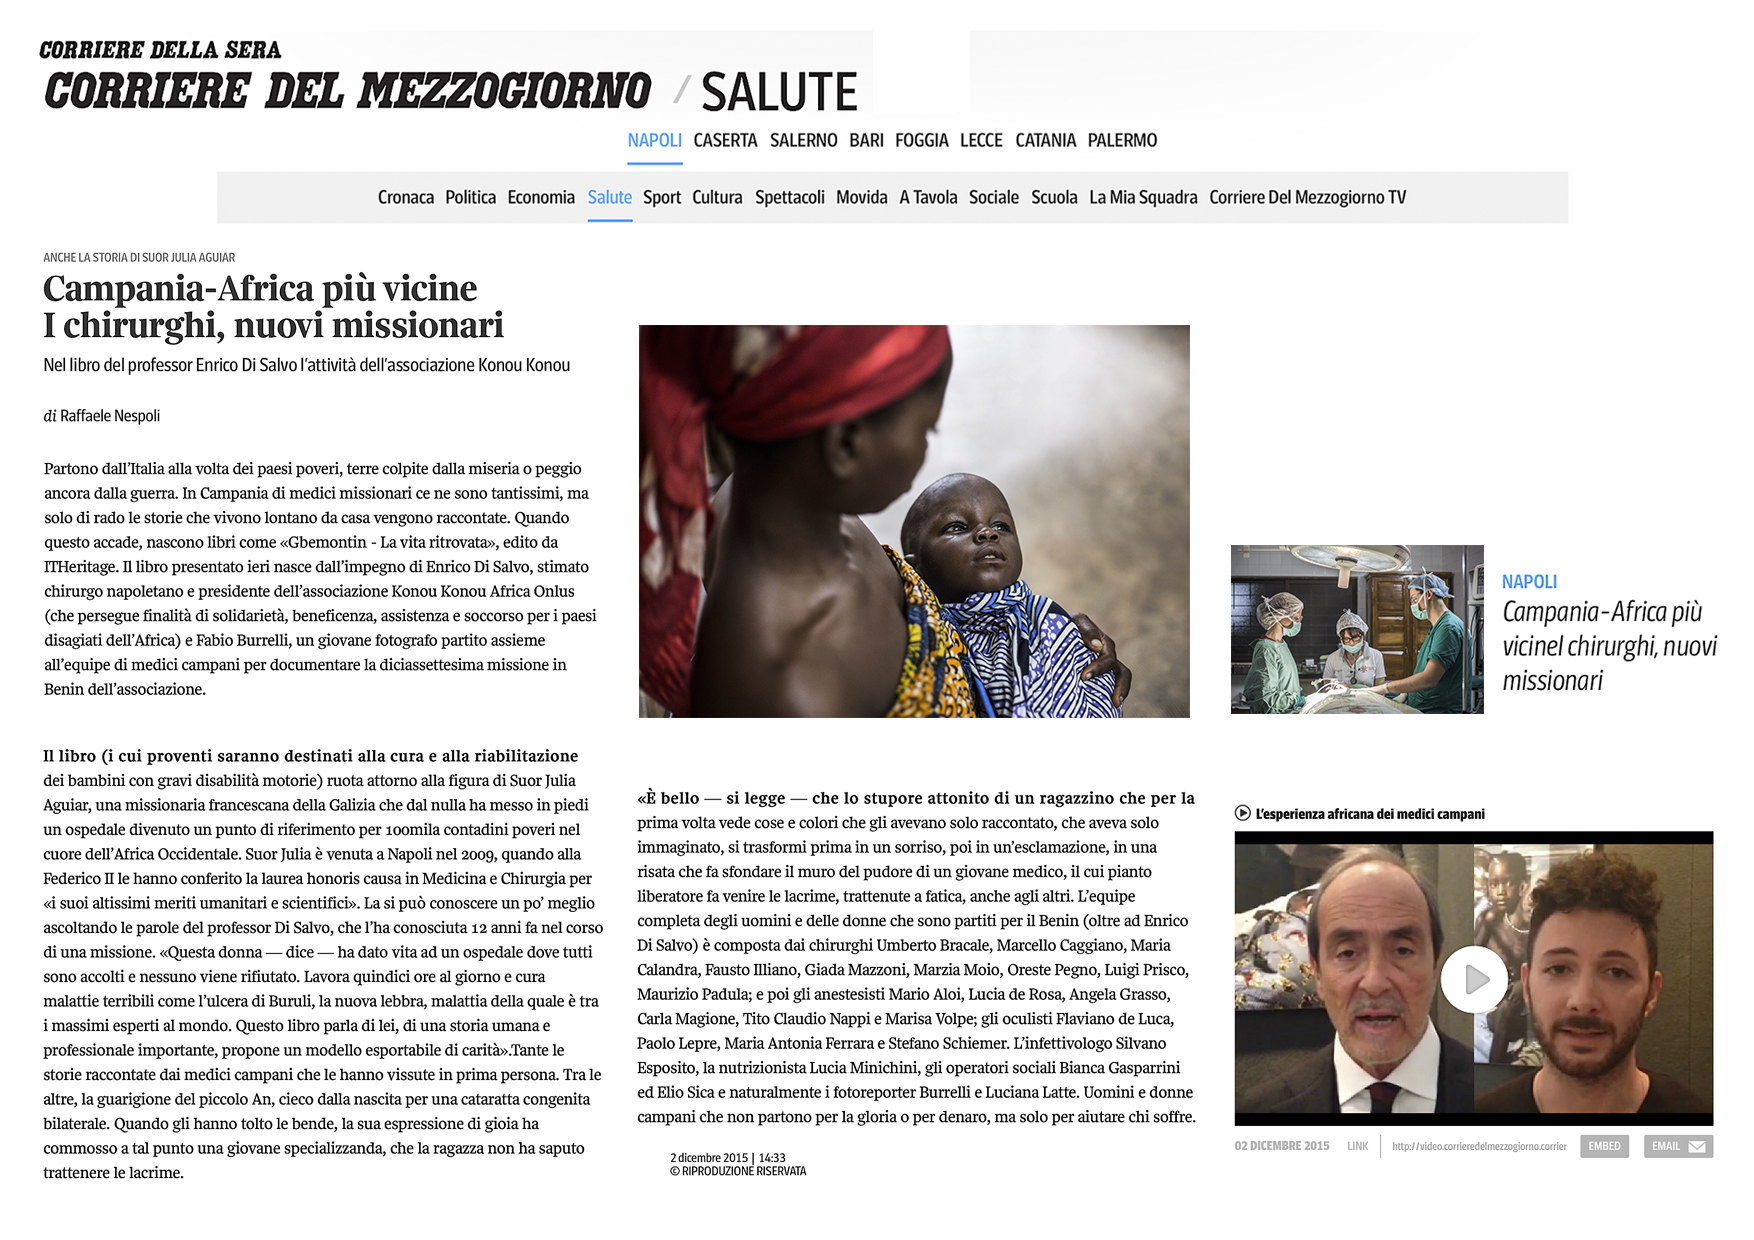 Gbemontin - Back again to life   http://corrieredelmezzogiorno.corriere.it/napoli/salute/15_dicembre_02/campania-africa-piu-vicine-chirurghi-nuovi-missionari-b080344c-98f6-11e5-92f3-497a26d43688.shtml